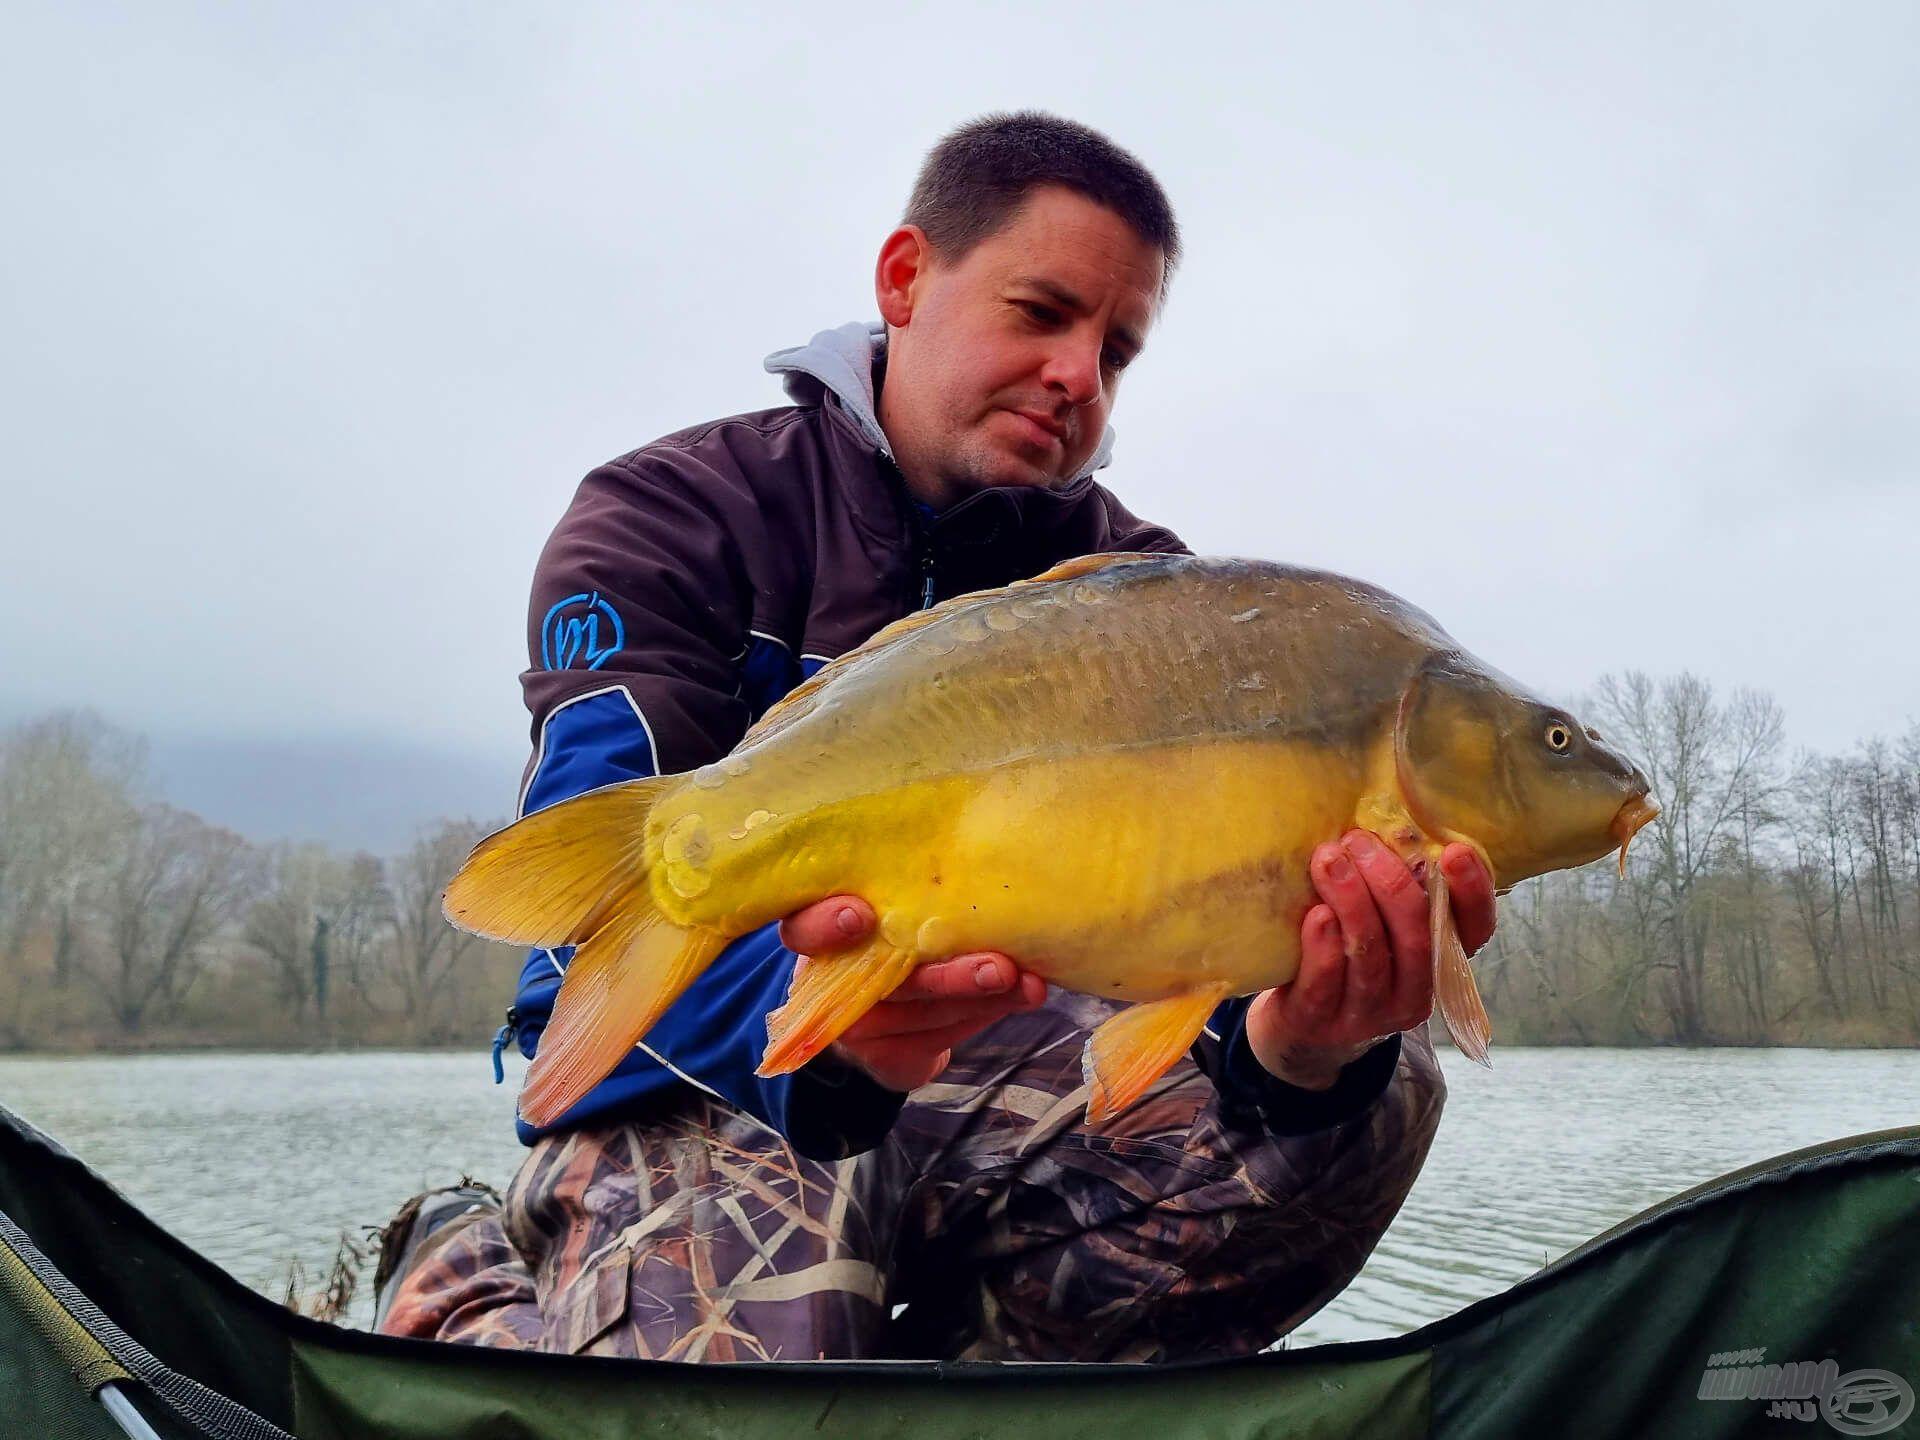 Vándorló horgászat nélkül ő sem kerülhetett volna lencse elé. A letisztult, hideg vízben elképesztően sárga színben pompáznak a tükrösök!